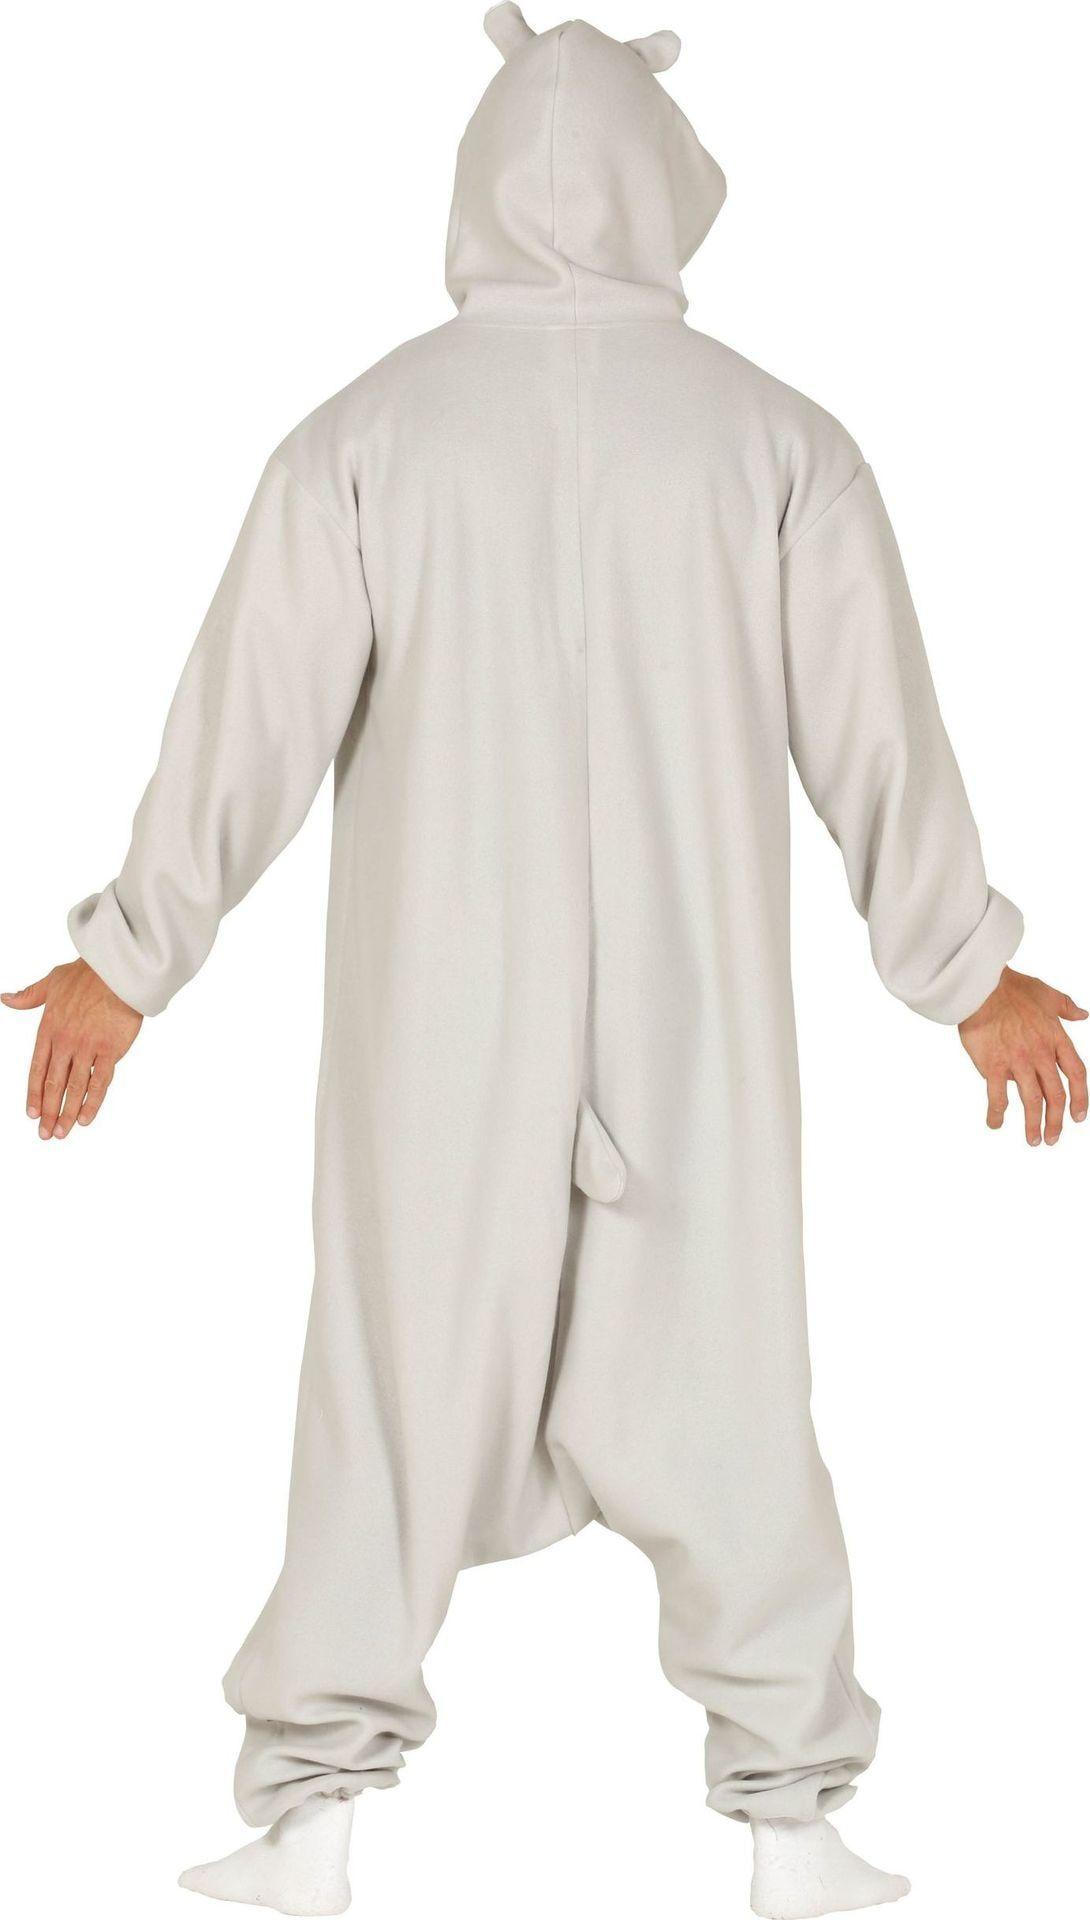 Nijlpaard kostuumvolwassenen